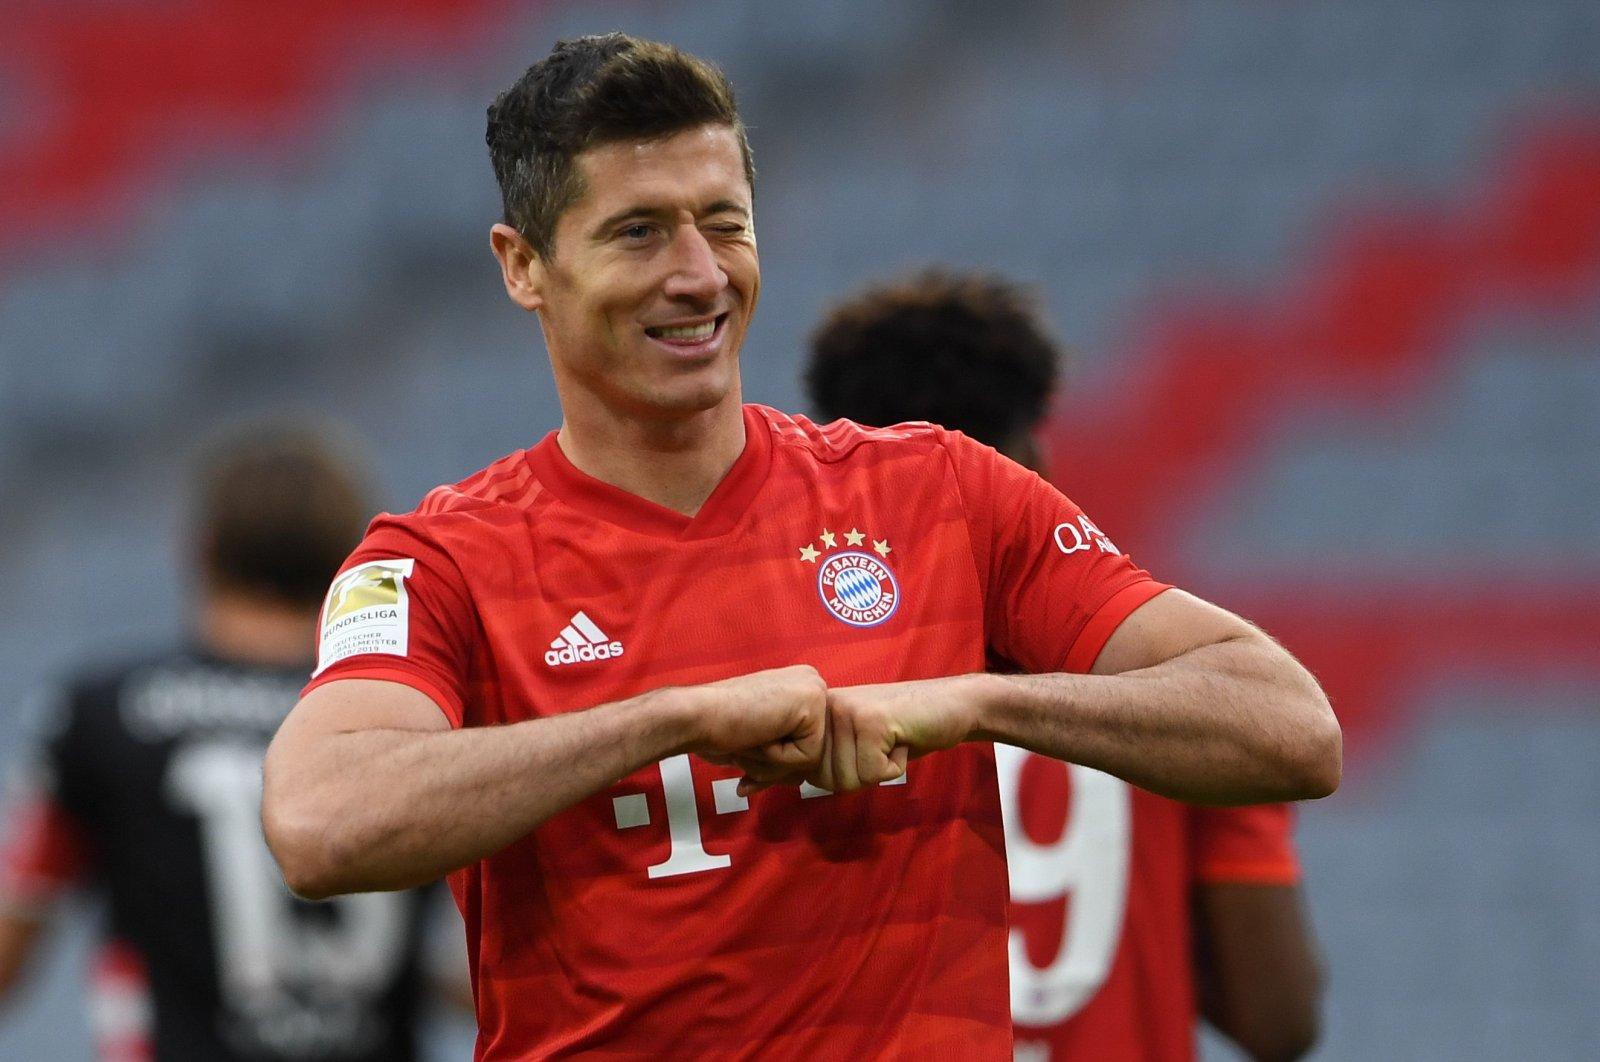 Ở tuổi 33, đã chinh phục mọi danh hiệu ở cấp CLB và chỉ còn hai năm hợp đồng, Lewandowski có thể muốn rời Bayern để tìm kiếm thử thách mới trong chặng cuối sự nghiệp đỉnh cao. Ảnh: AFP